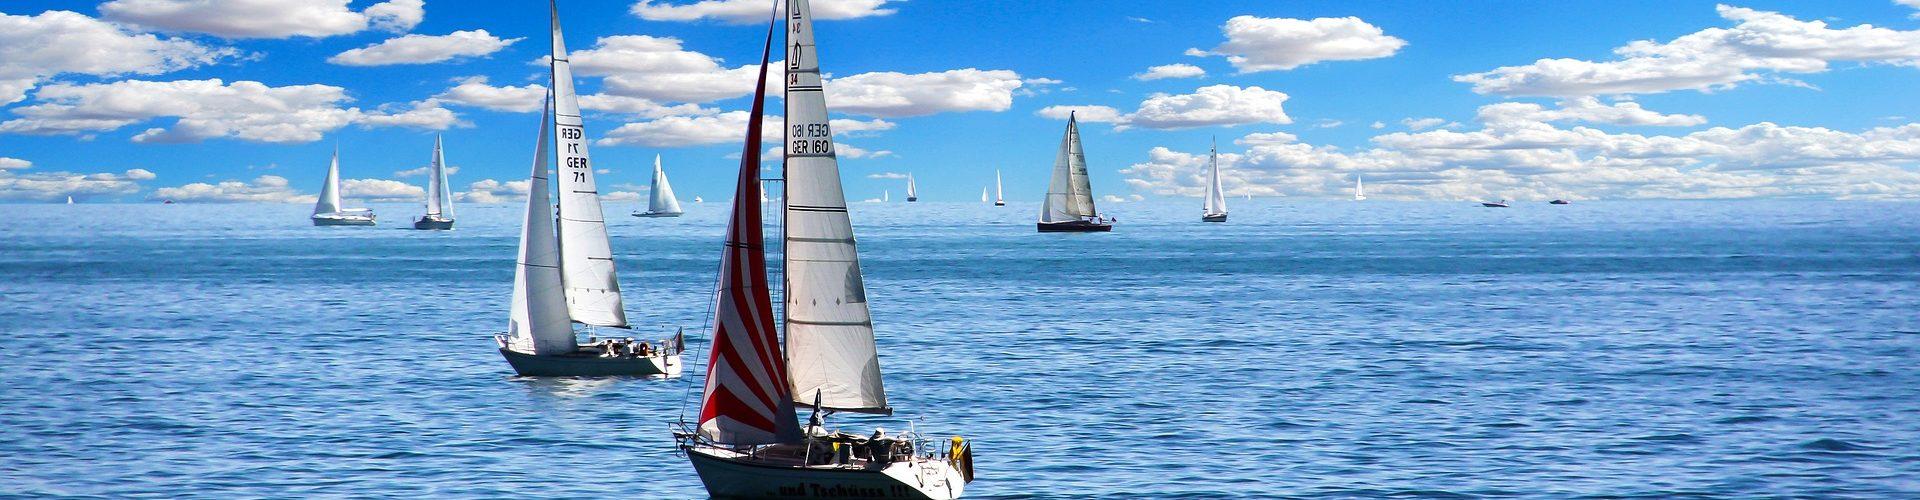 segeln lernen in Tornesch segelschein machen in Tornesch 1920x500 - Segeln lernen in Tornesch